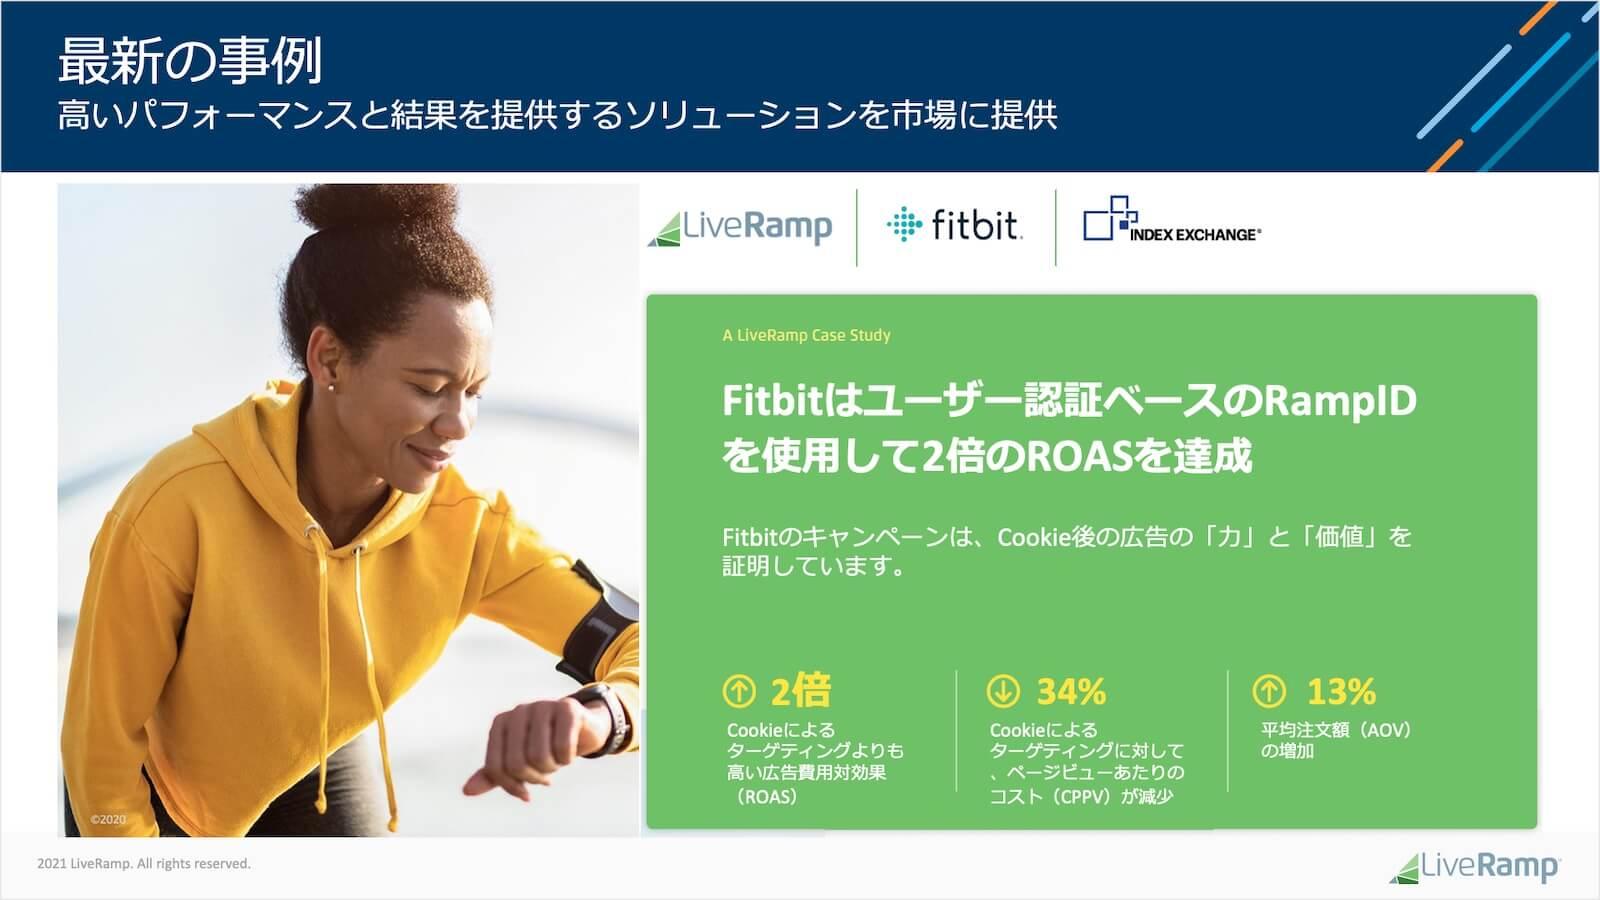 FitBitが行ったキャンペーンの事例